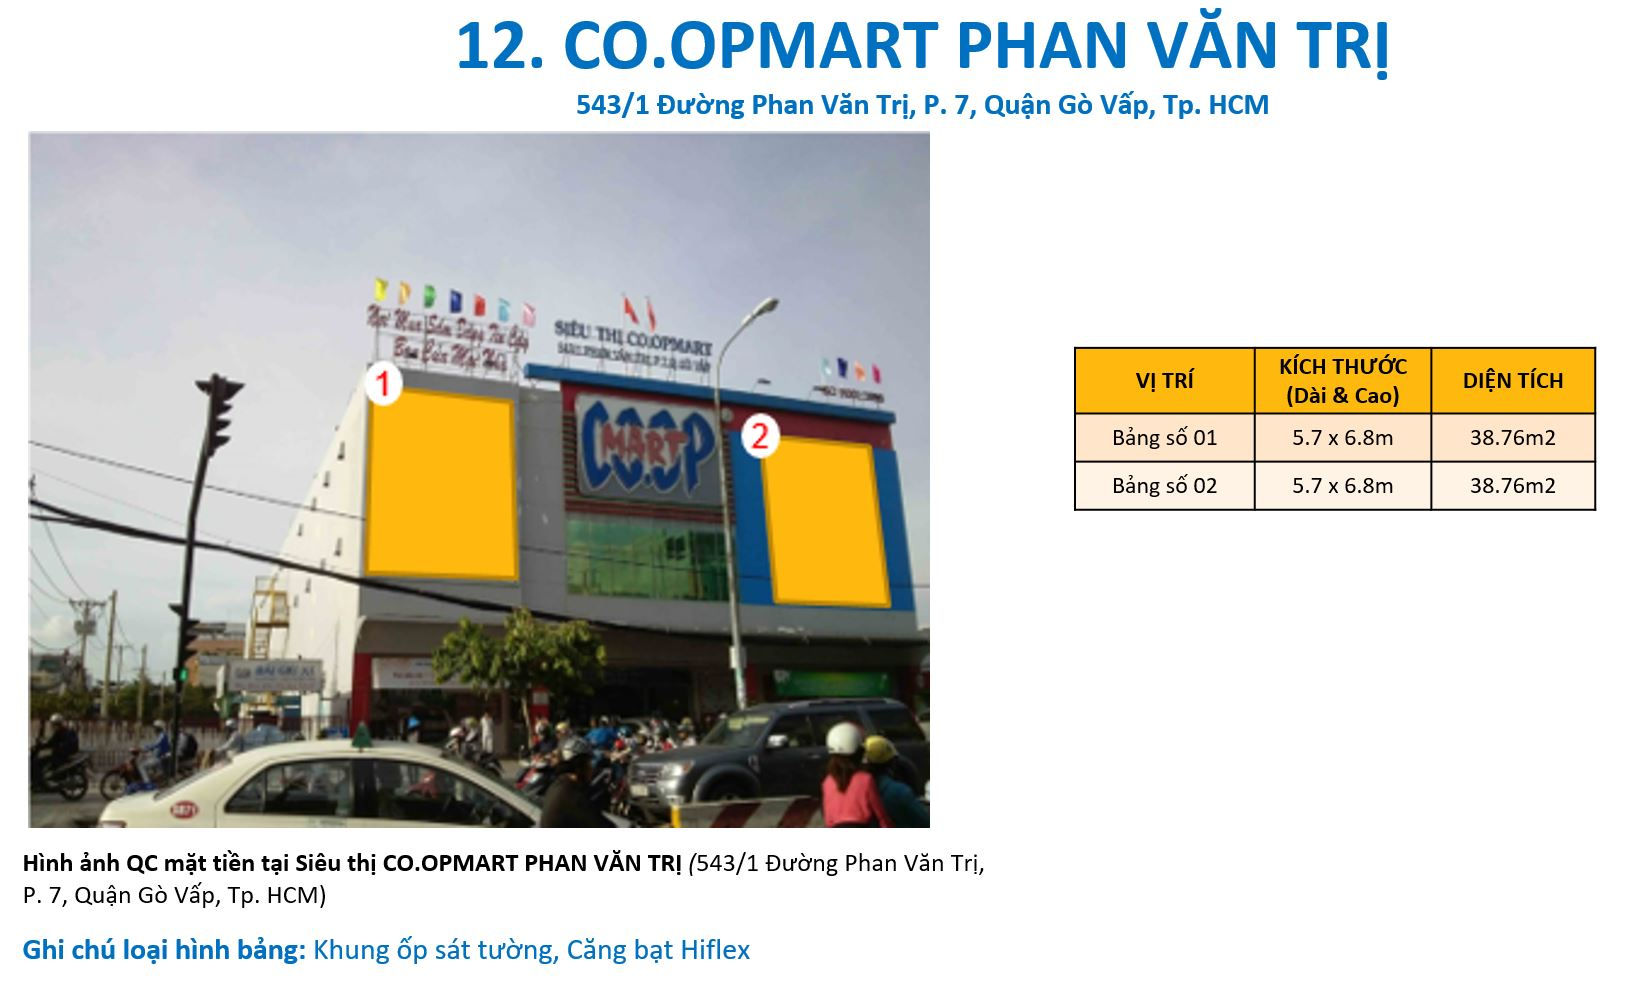 quảng cáo siêu thị Coopmart